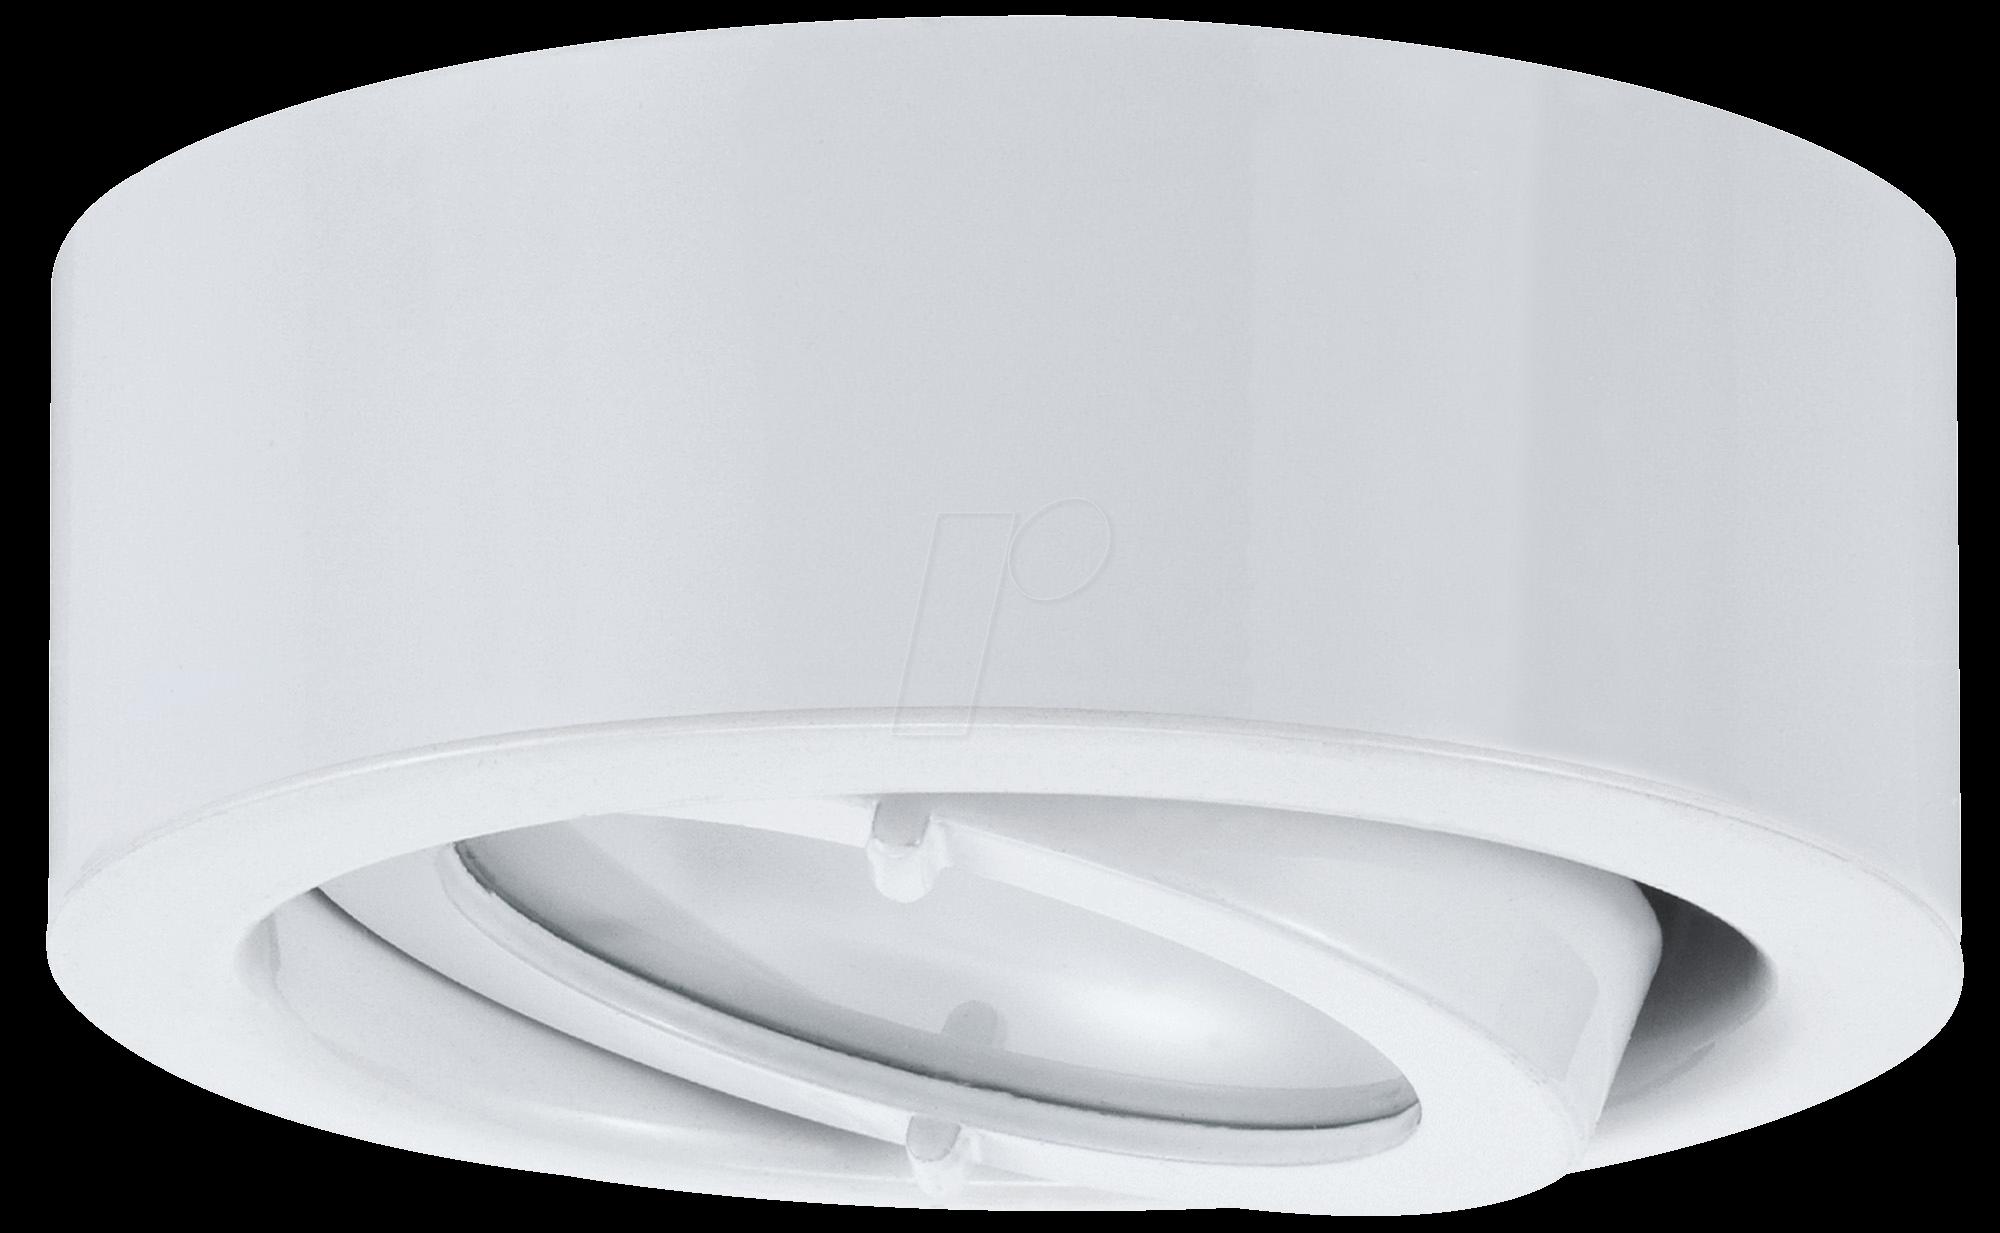 PLM 93509 - Möbelaufbauleuchte MicroLine, 20 W, rund, weiß